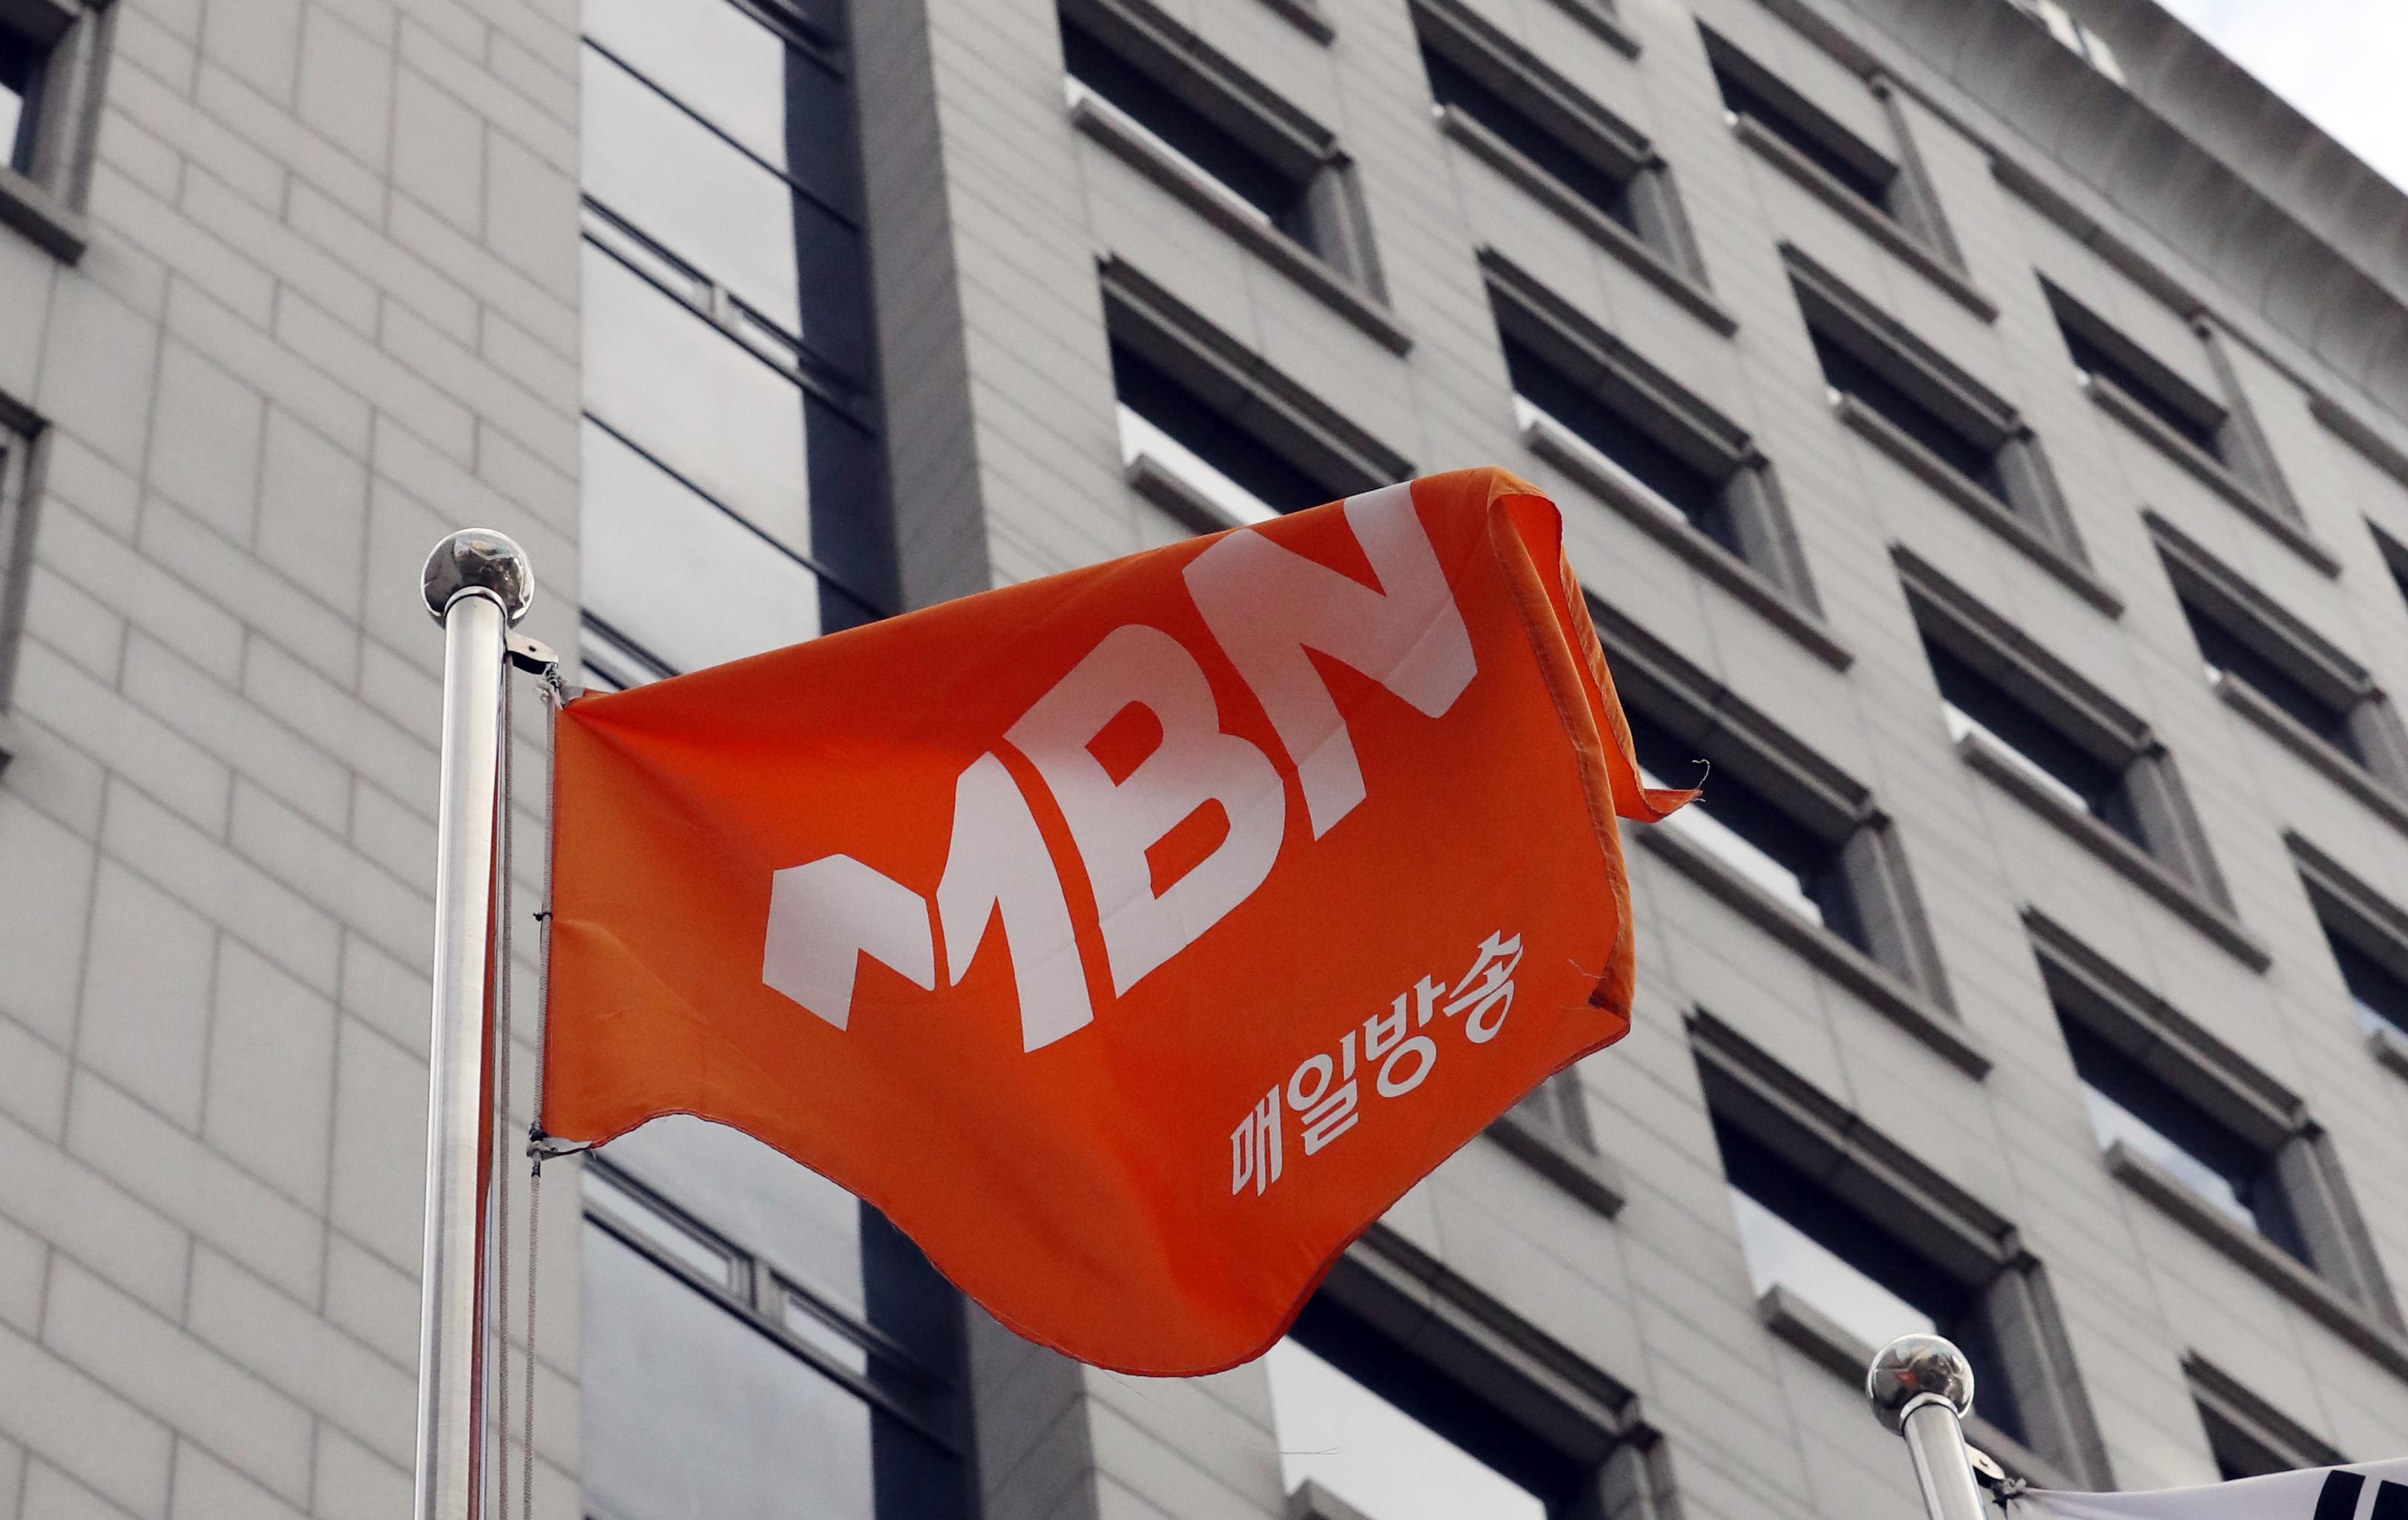 검찰 자본금 편법충당 MBN 회사법인·부회장 기소 <사진=연합>